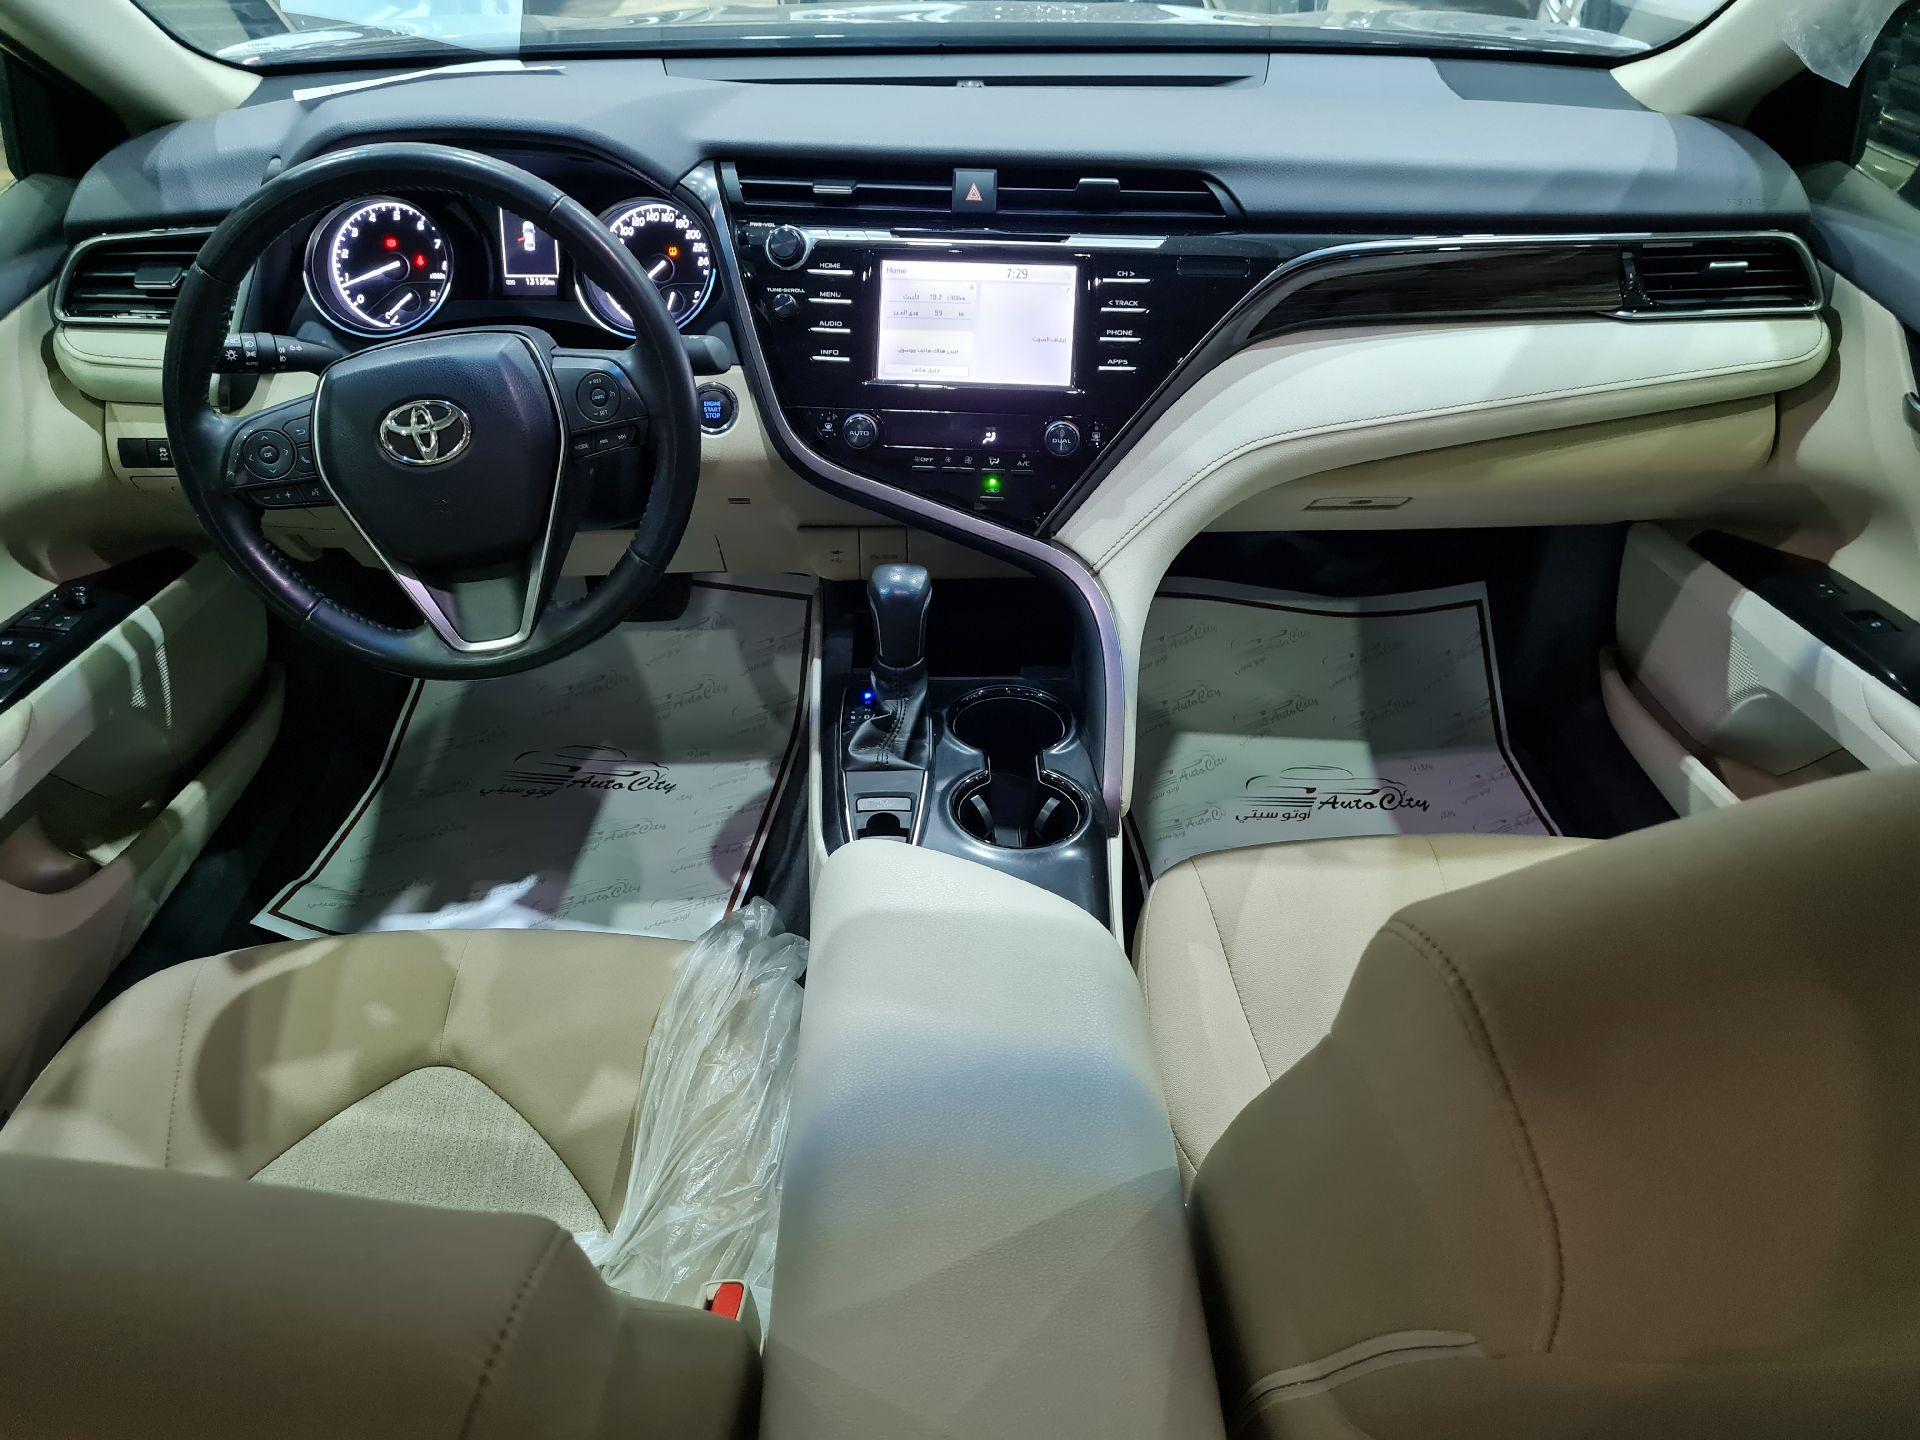 تويوتا كامري GLE سعودي 2019 فل للبيع في الرياض - السعودية - صورة كبيرة - 10